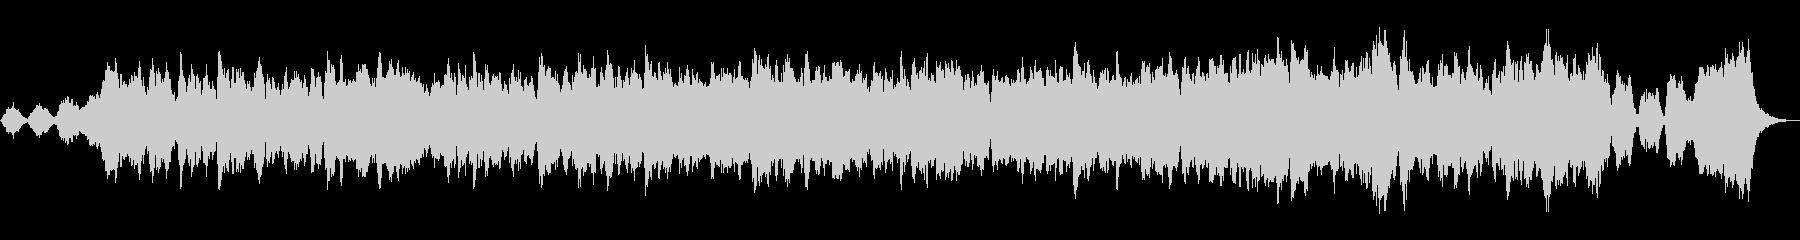 トランペットとストリングスの温かい協奏曲の未再生の波形